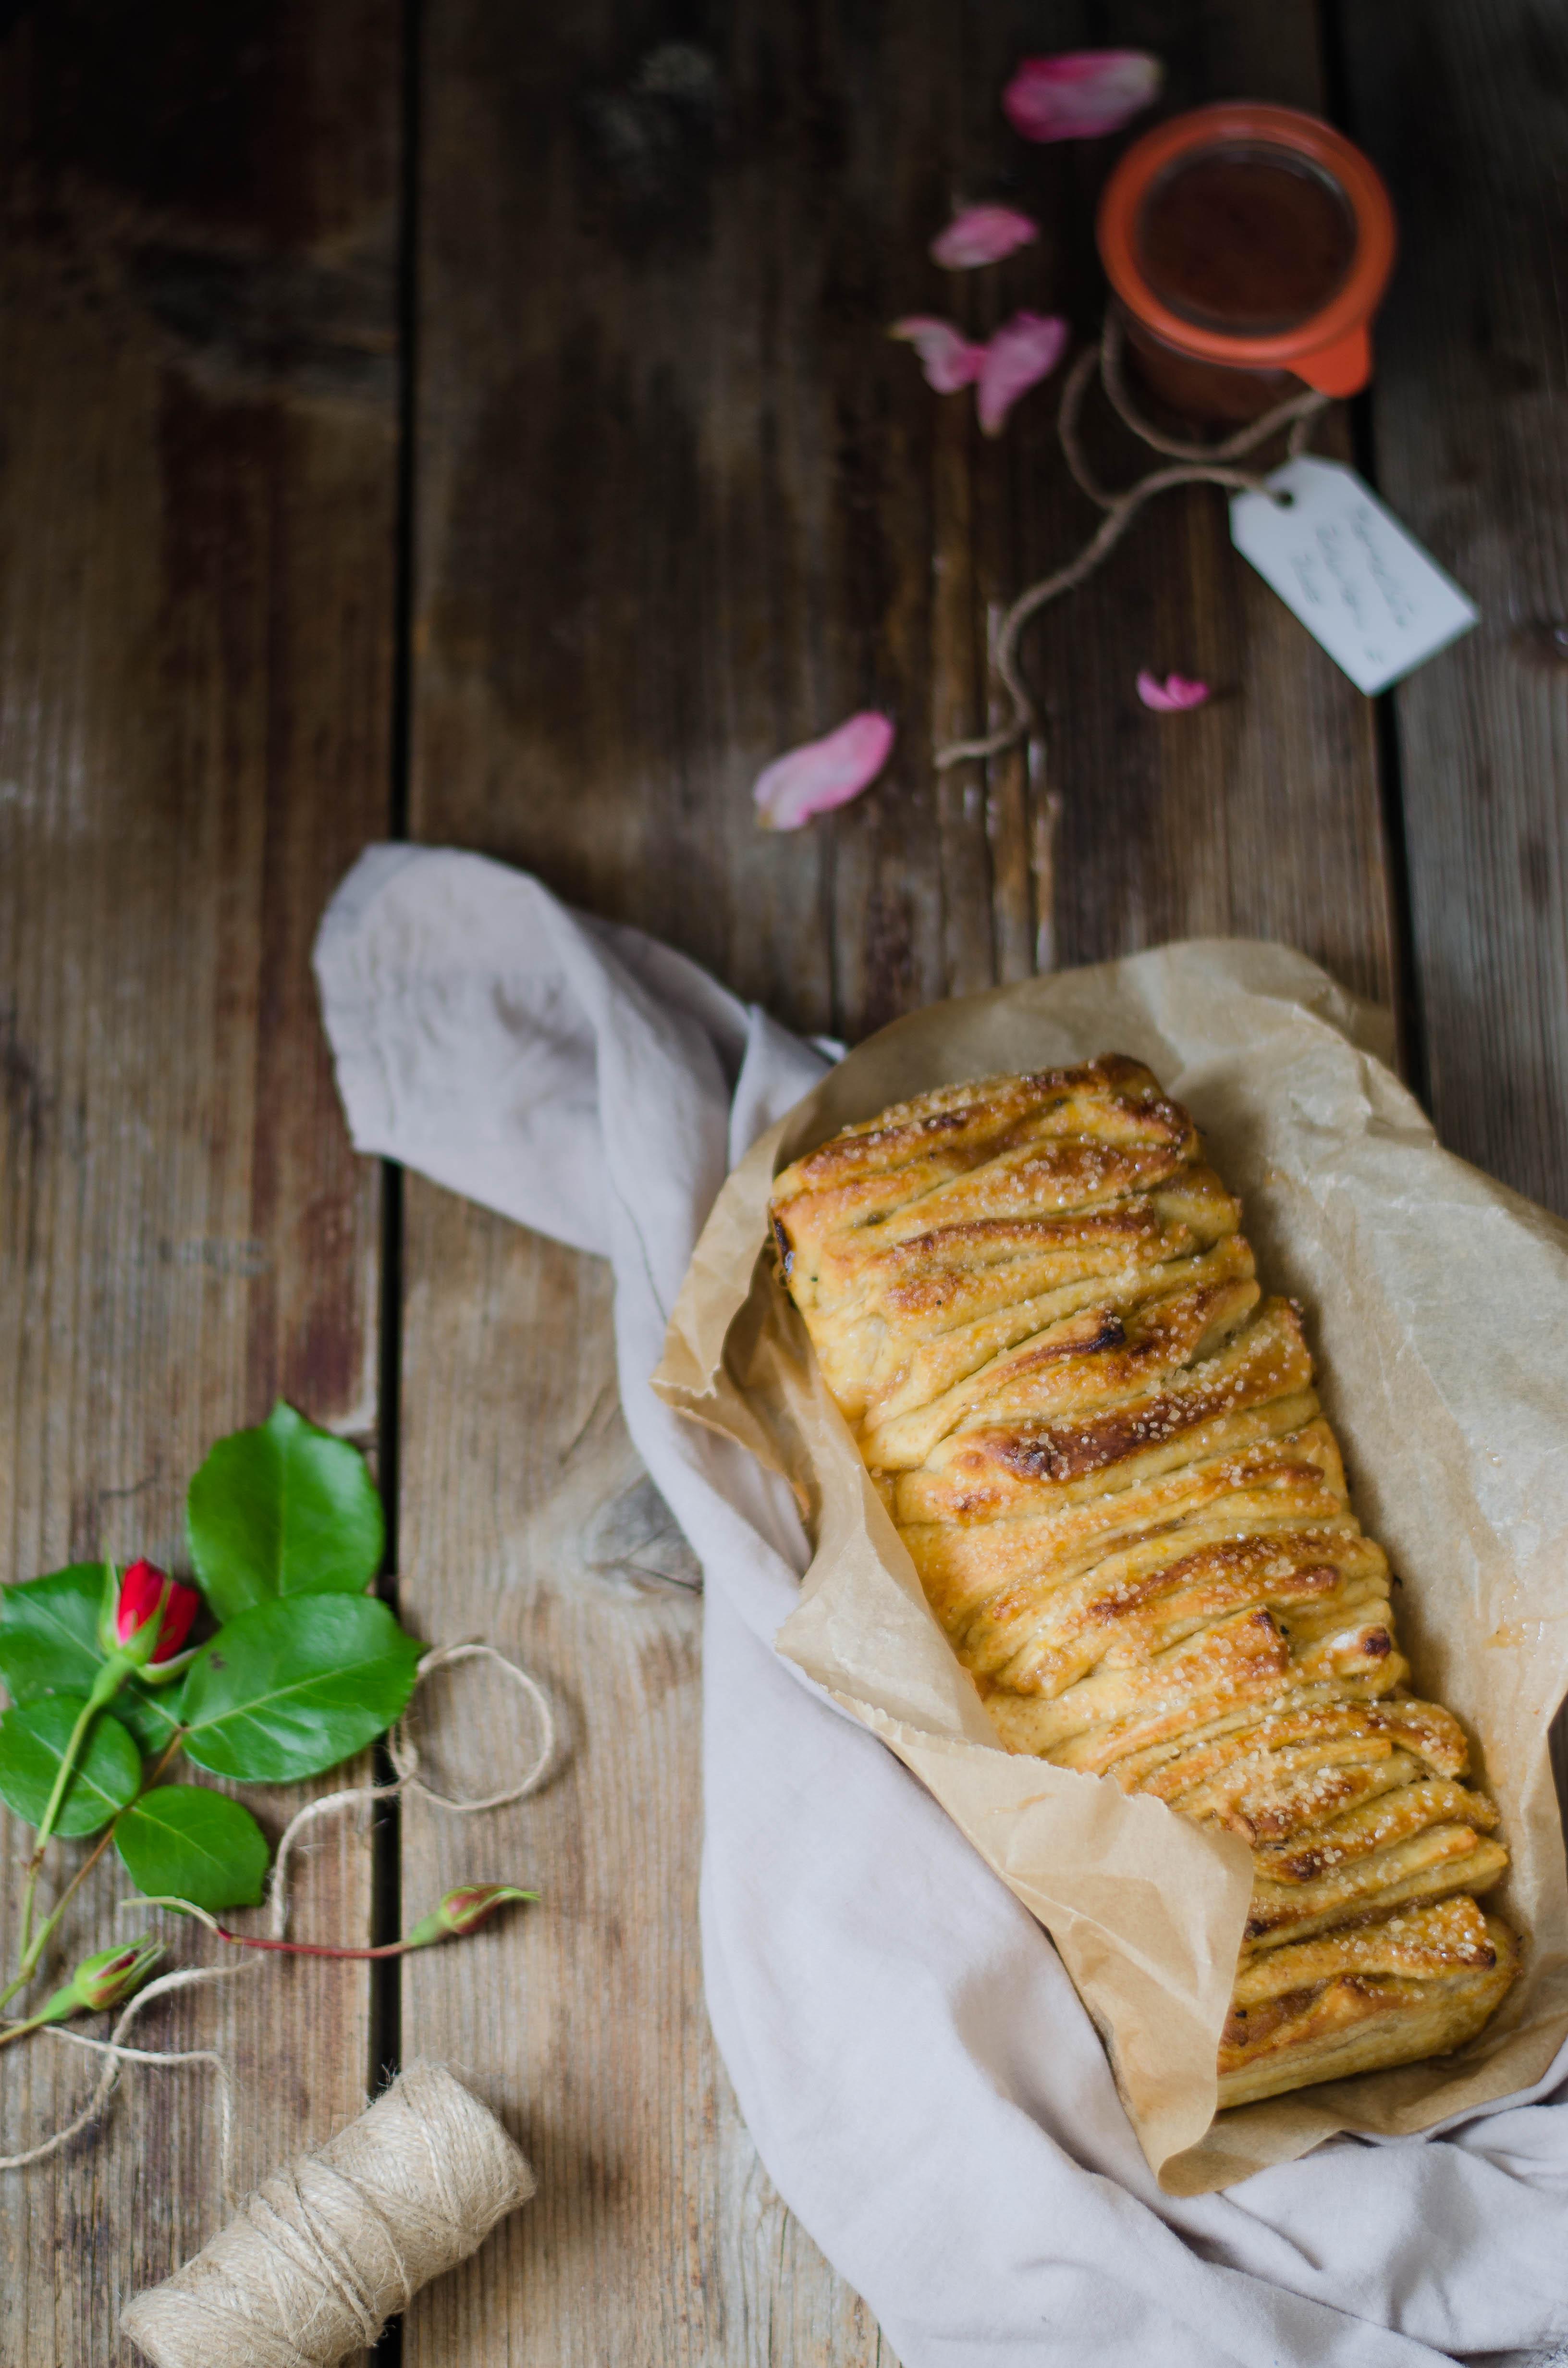 Pullapart_rabarbaro_rose Pull apart bread con marmellata di rabarbaro, rose e pepe del Bengala